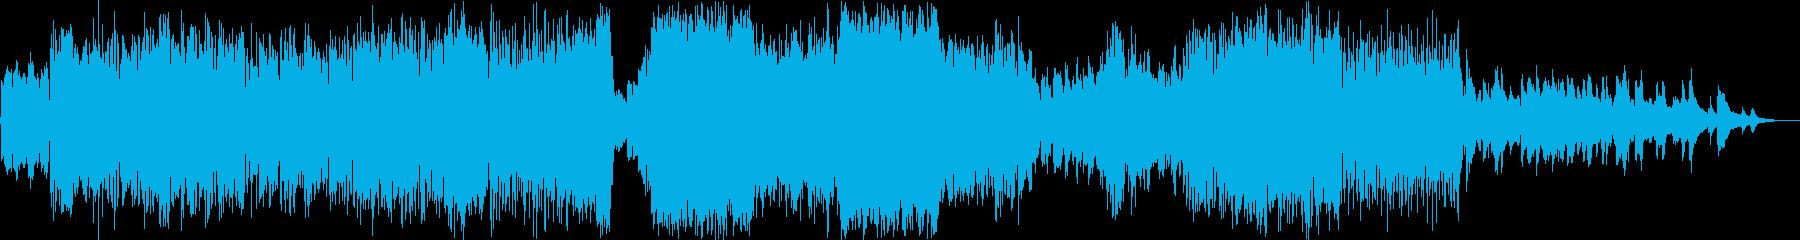 アイリッシュ ケルト カントリーの再生済みの波形